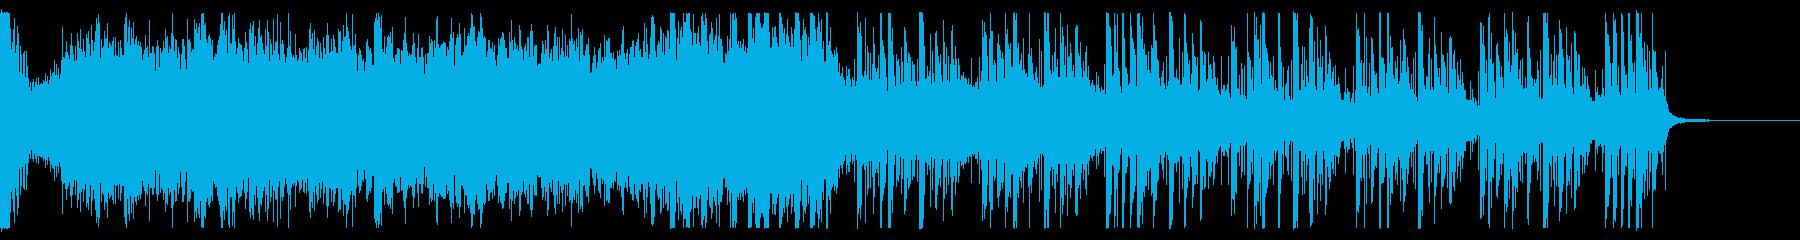 動物 ホーミー アジア ヨガ 禅 の再生済みの波形